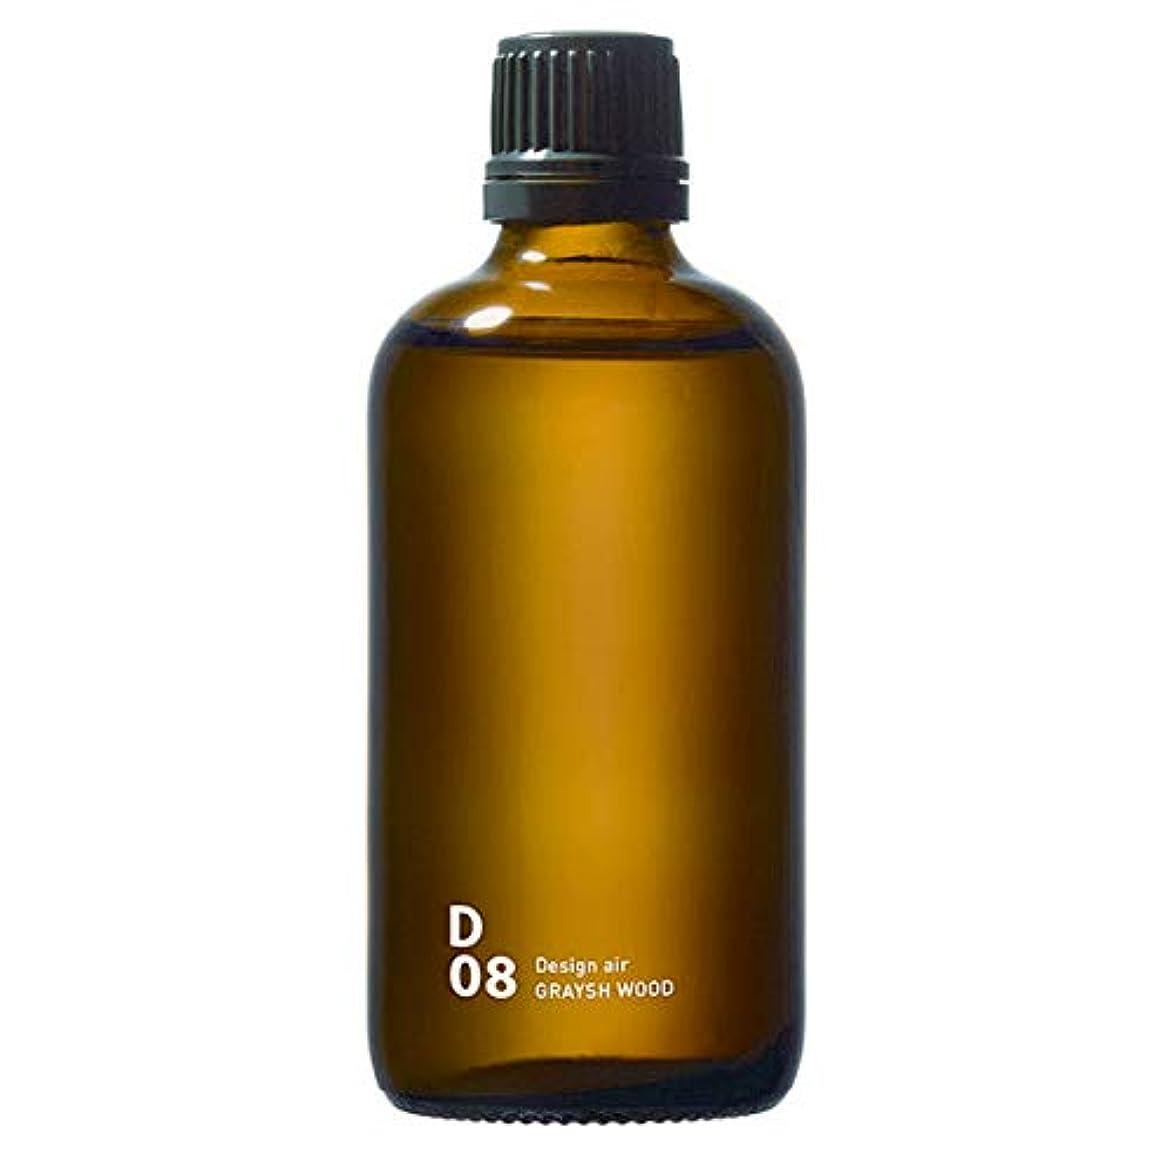 リーズ演じるエネルギーD08 GRAYISH WOOD piezo aroma oil 100ml